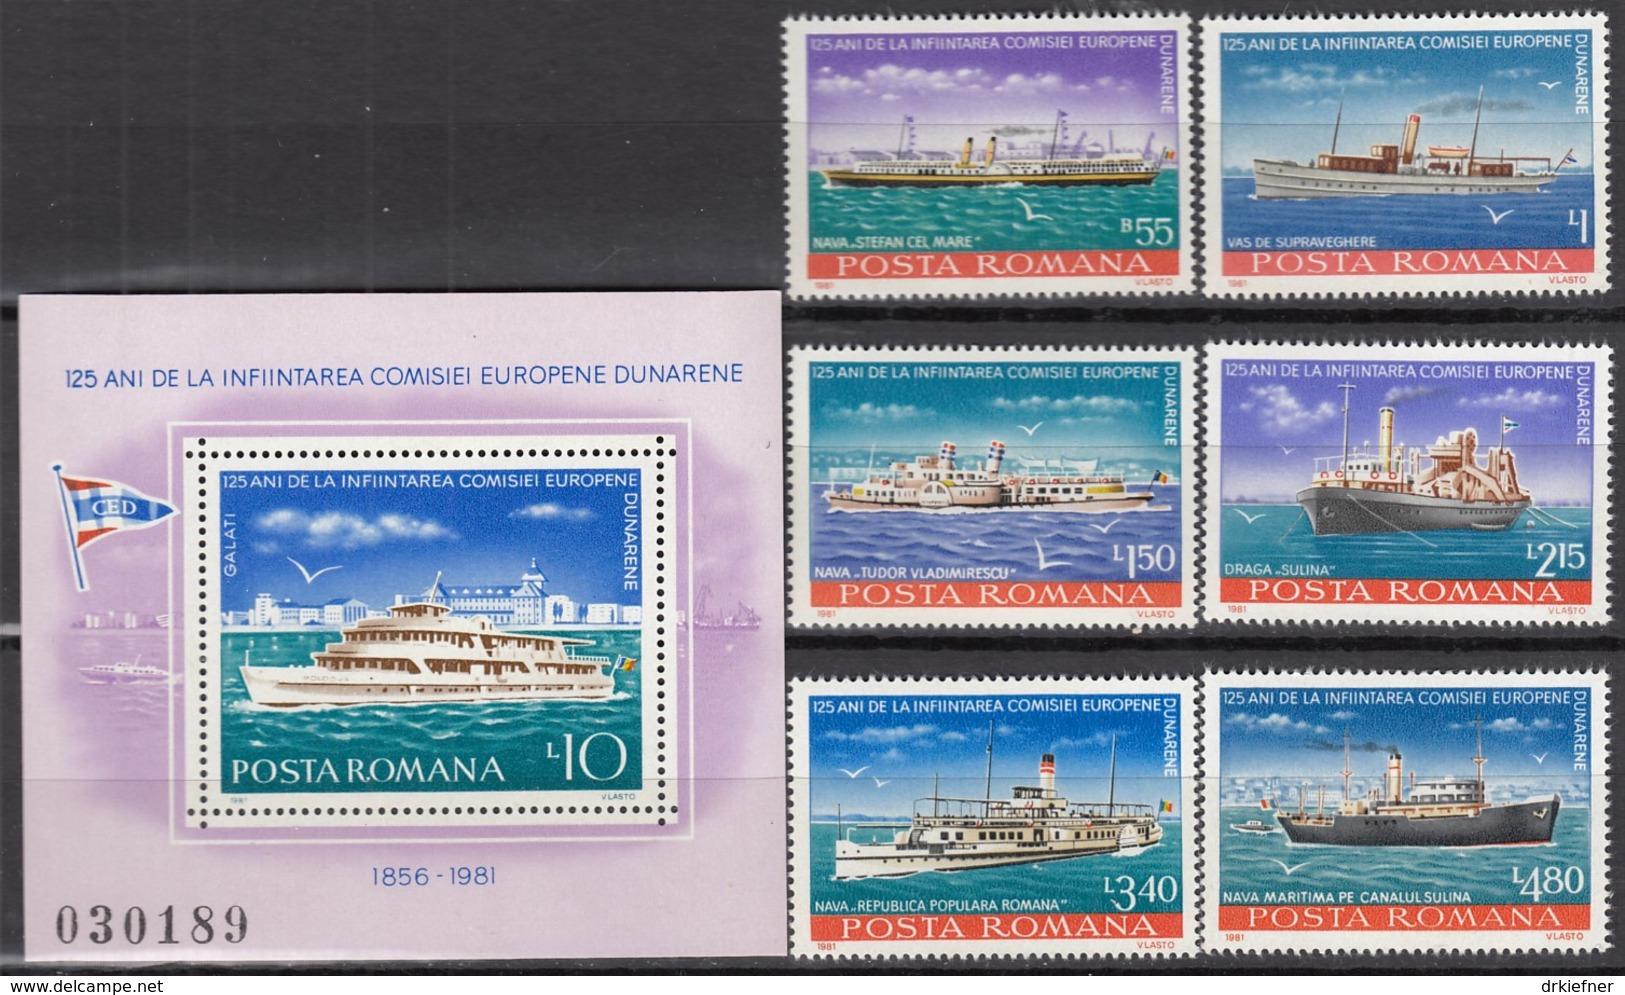 RUMÄNIENIEN 3769-3474 + Block 176, Postfrisch **, 125 Jahre Europäische Donaukommission - Donauschiffe 1981 - Europa-CEPT